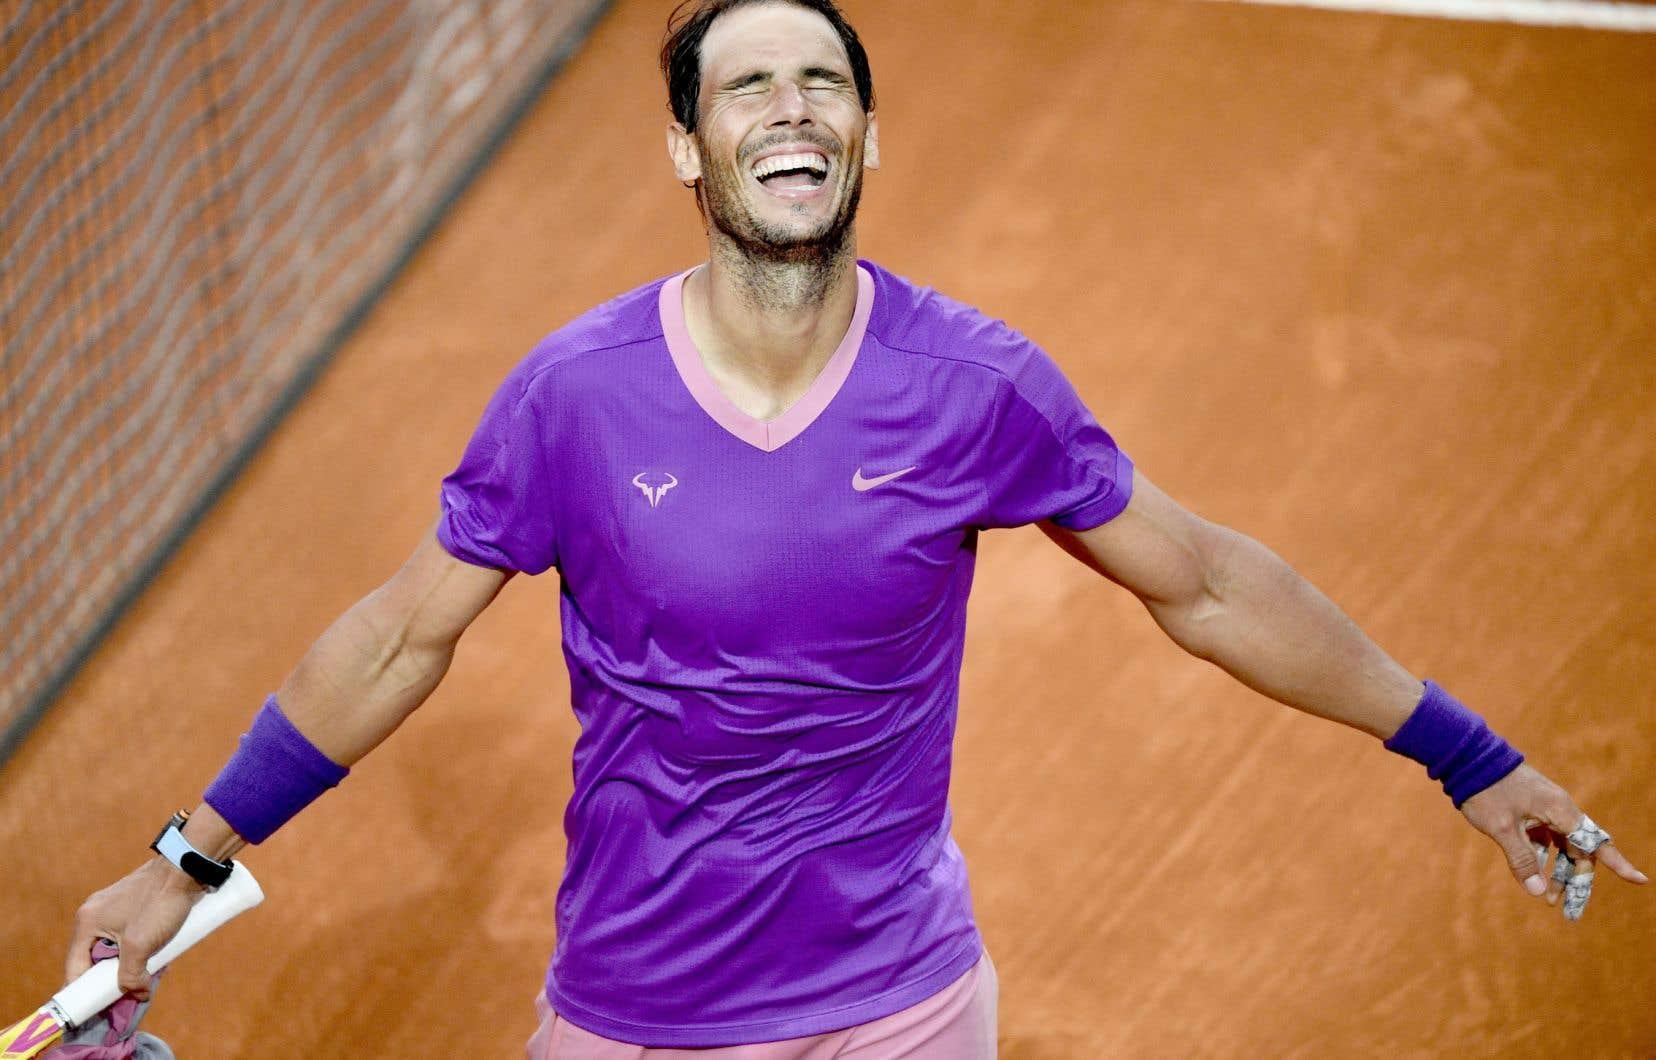 Vainqueur à Rome, Nadal met maintenant le cap sur Paris et les Internationaux de France.